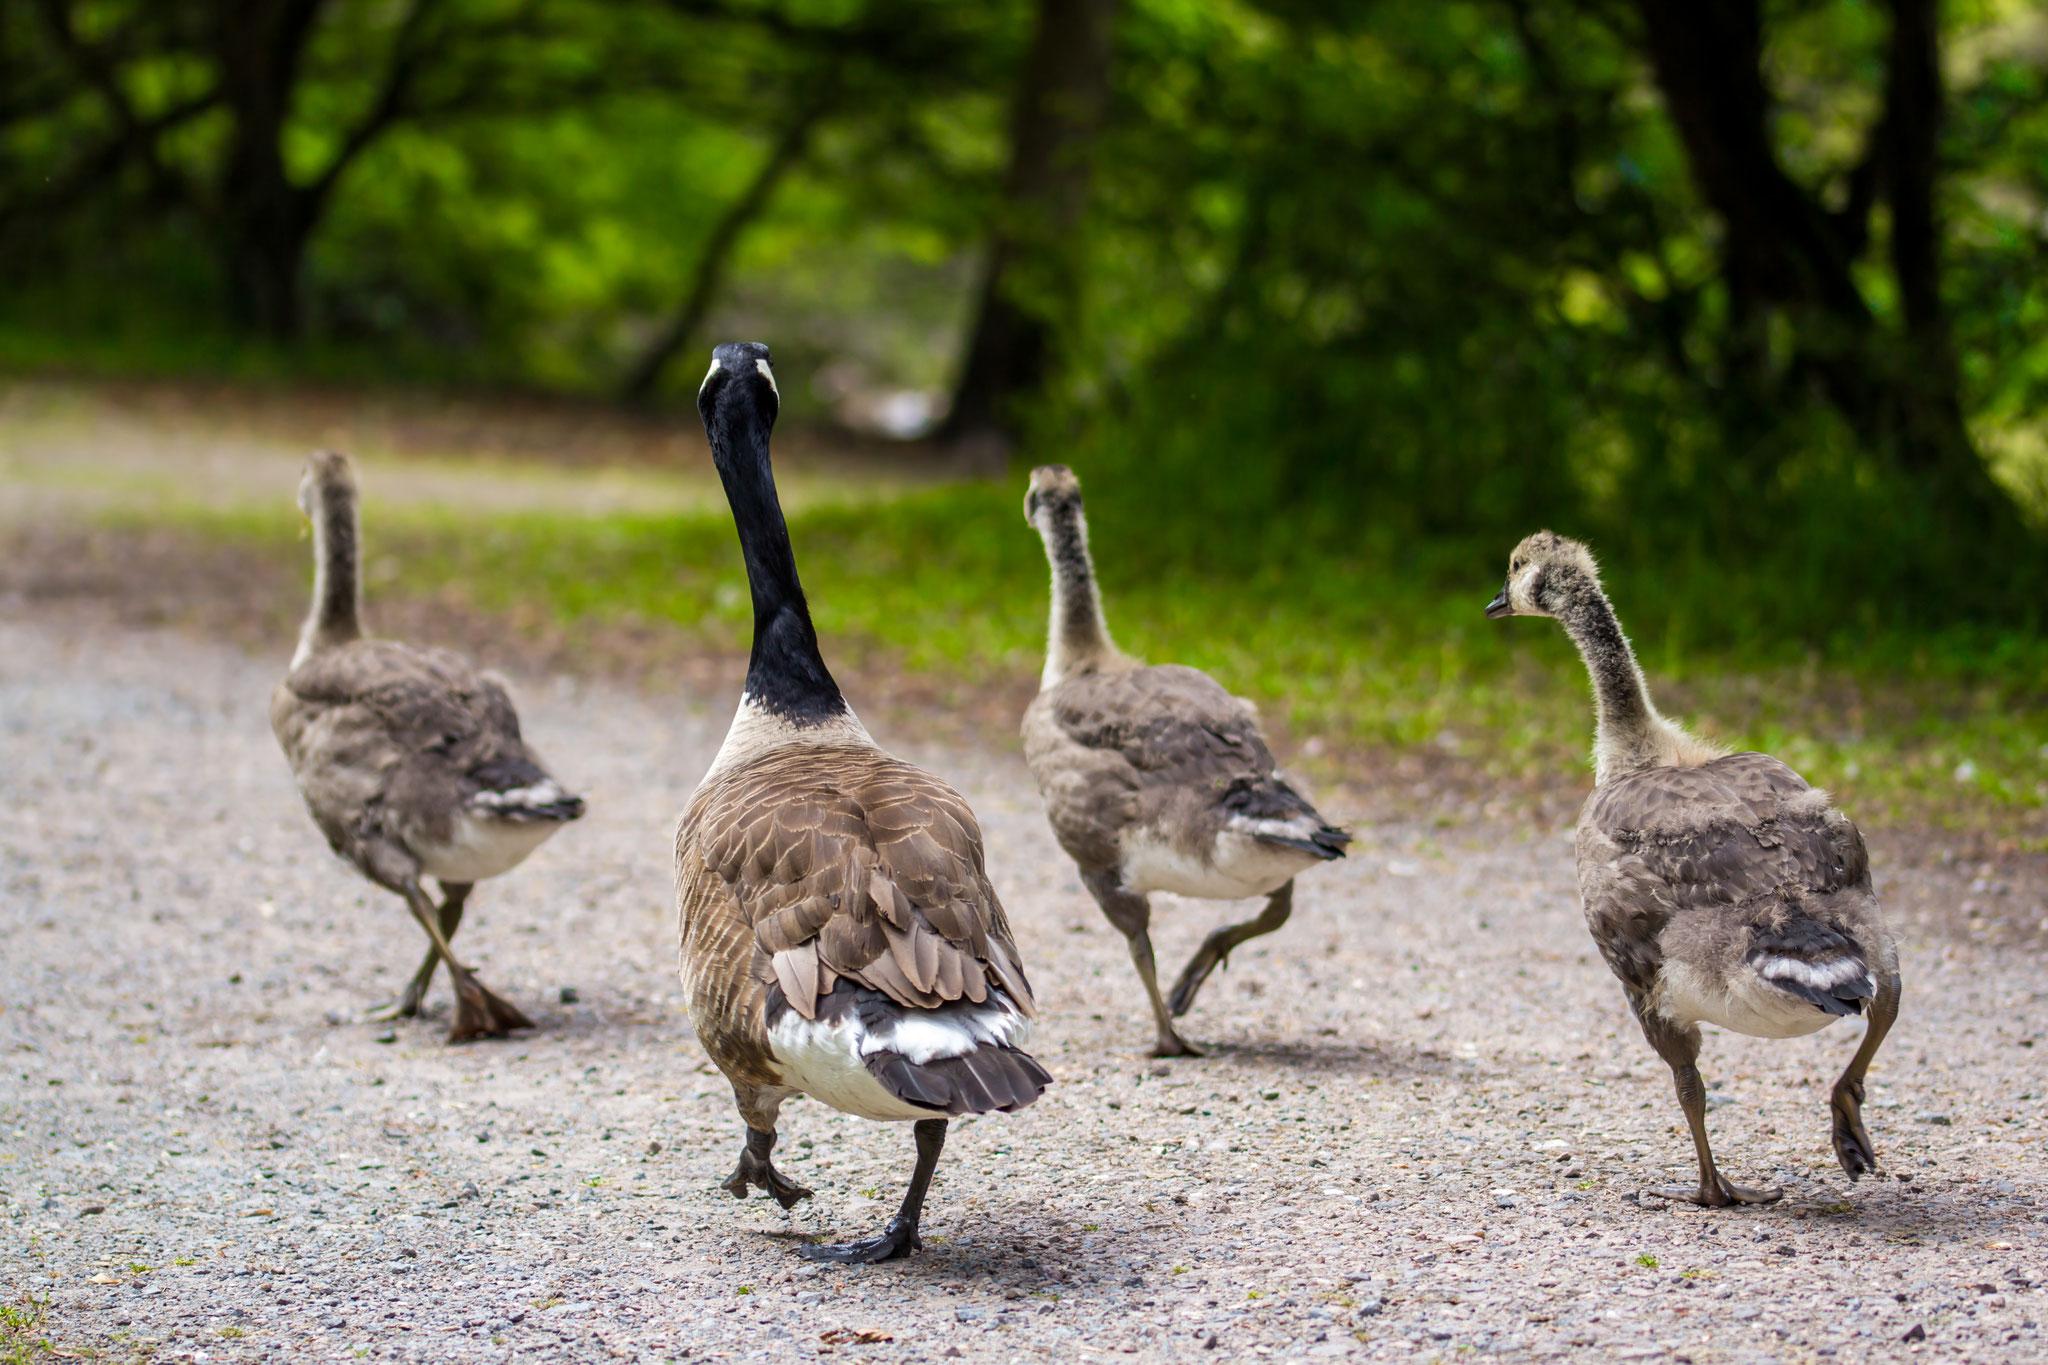 03_Kanadische Wildgänse (Canadian Geese) Naturschutzgebiet Mönchbruch